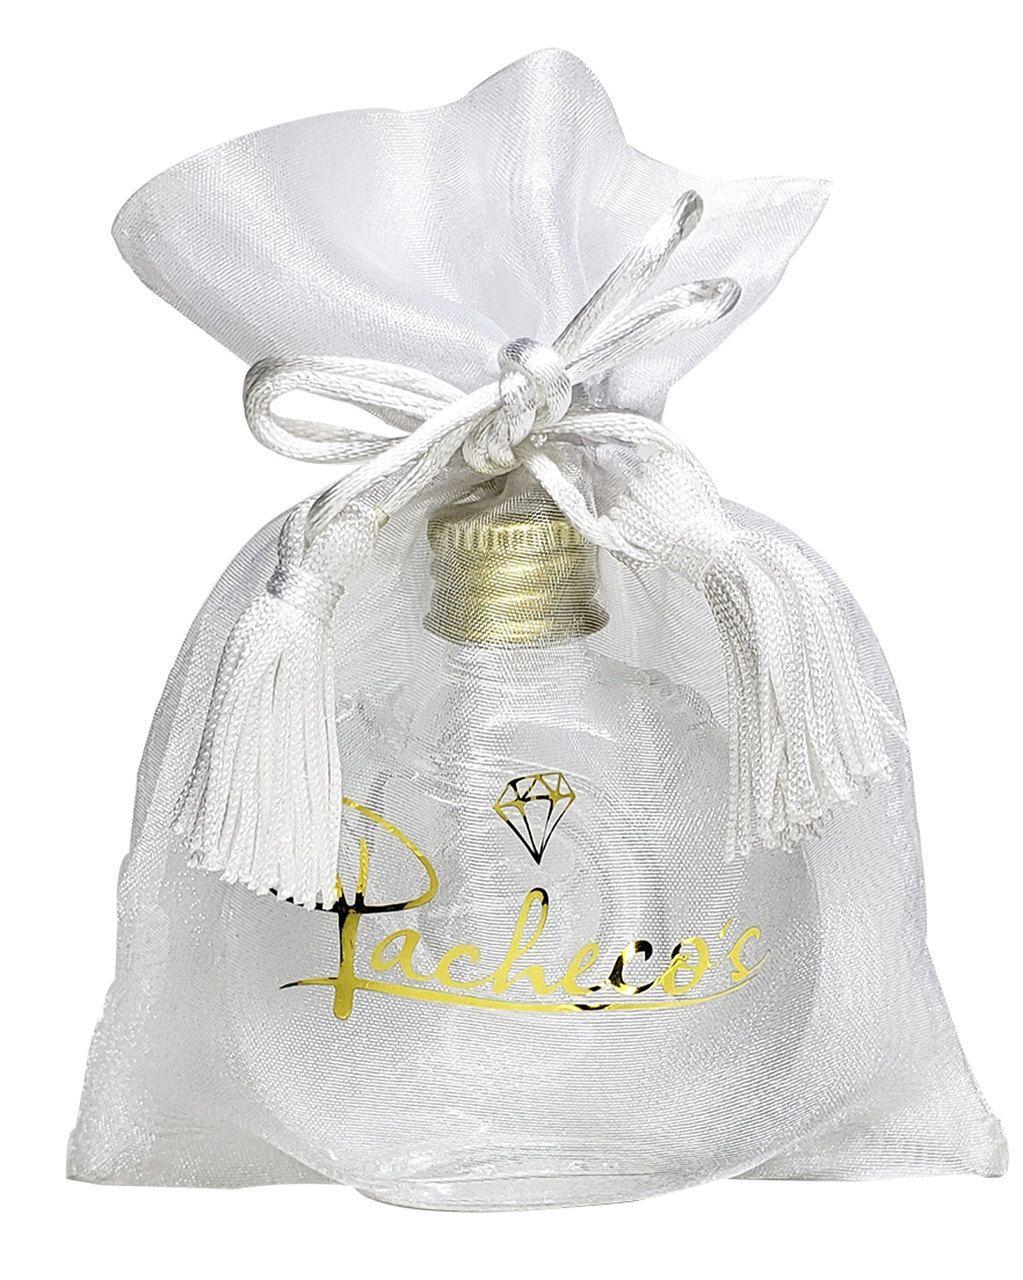 Embalagem de organza personalizada com Hot- Stamping - Fechamento com pingente de seda -   Linha Exclusive 1720  - Litex Embalagens